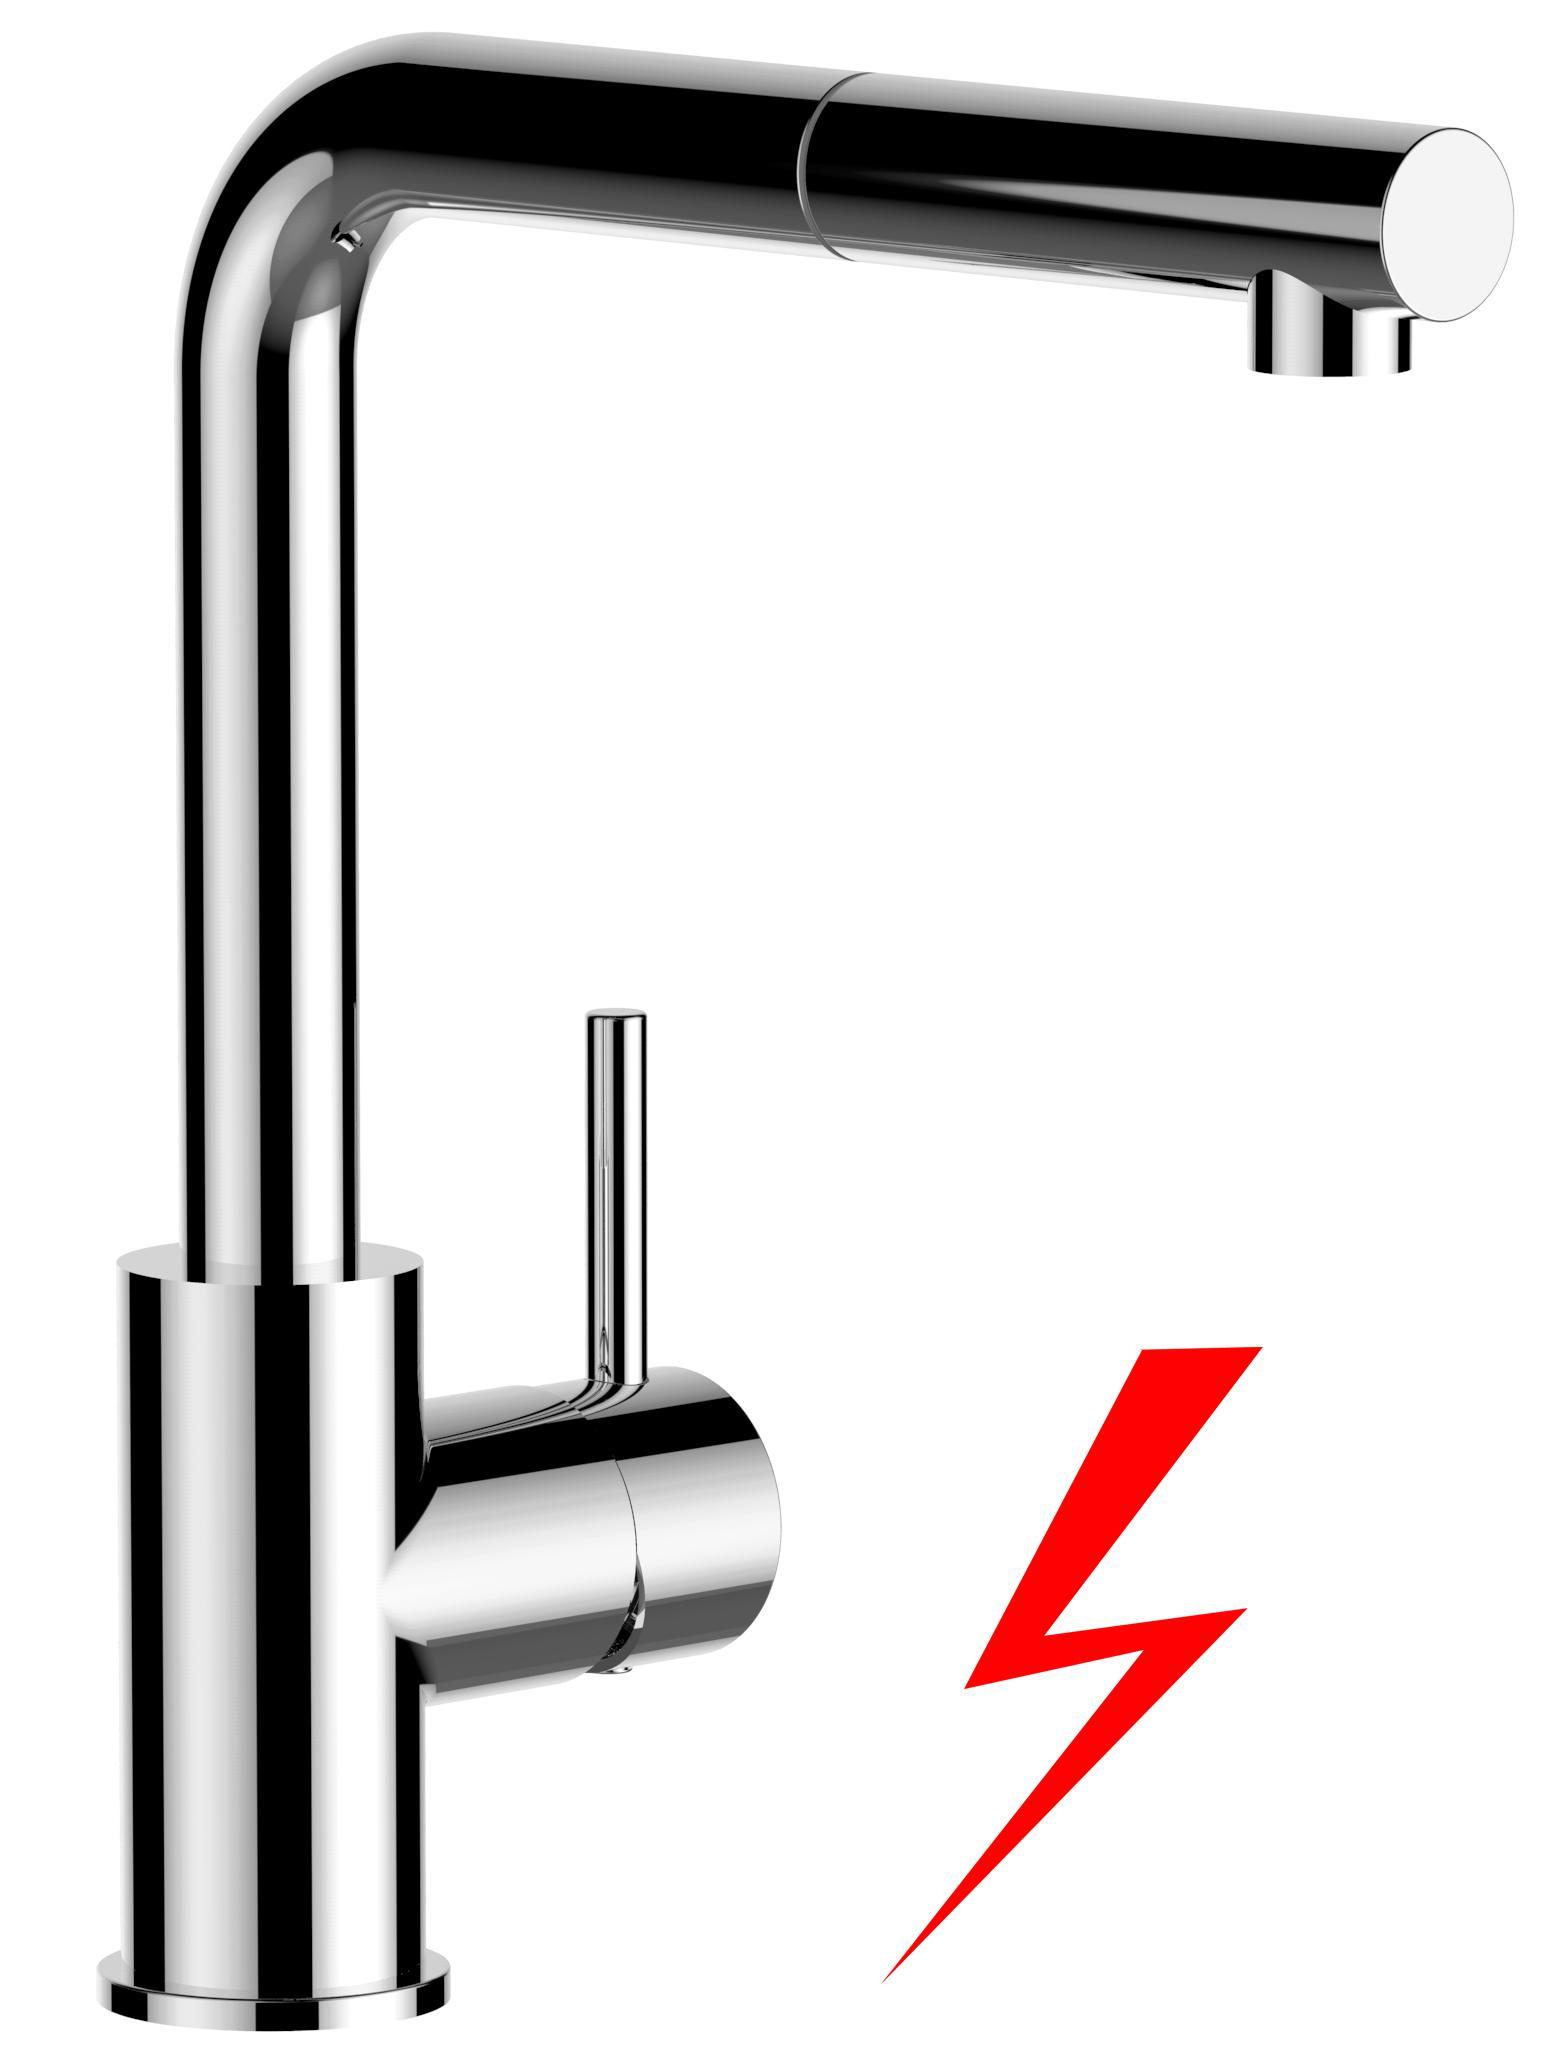 Gemütlich Neat Design Wasserhahn Küche Wandanschluss Ideen Die